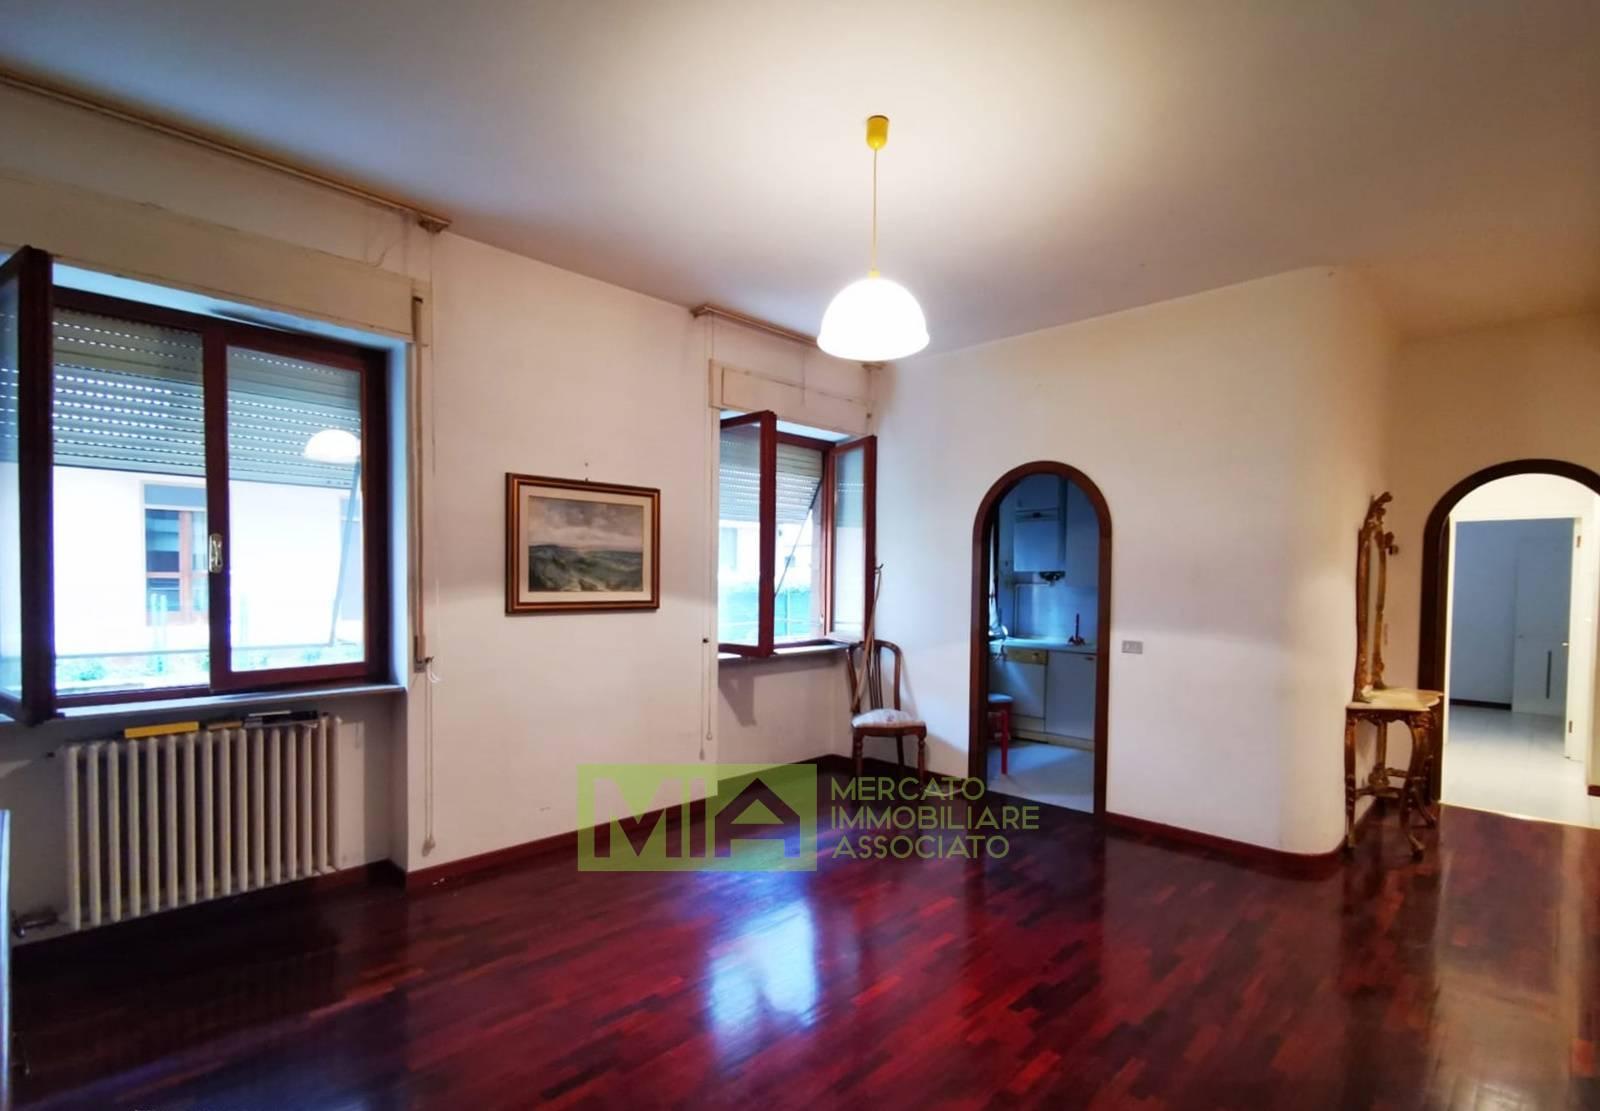 Appartamento in vendita a Macerata, 5 locali, zona Località: VIASPALATO, prezzo € 95.000 | CambioCasa.it